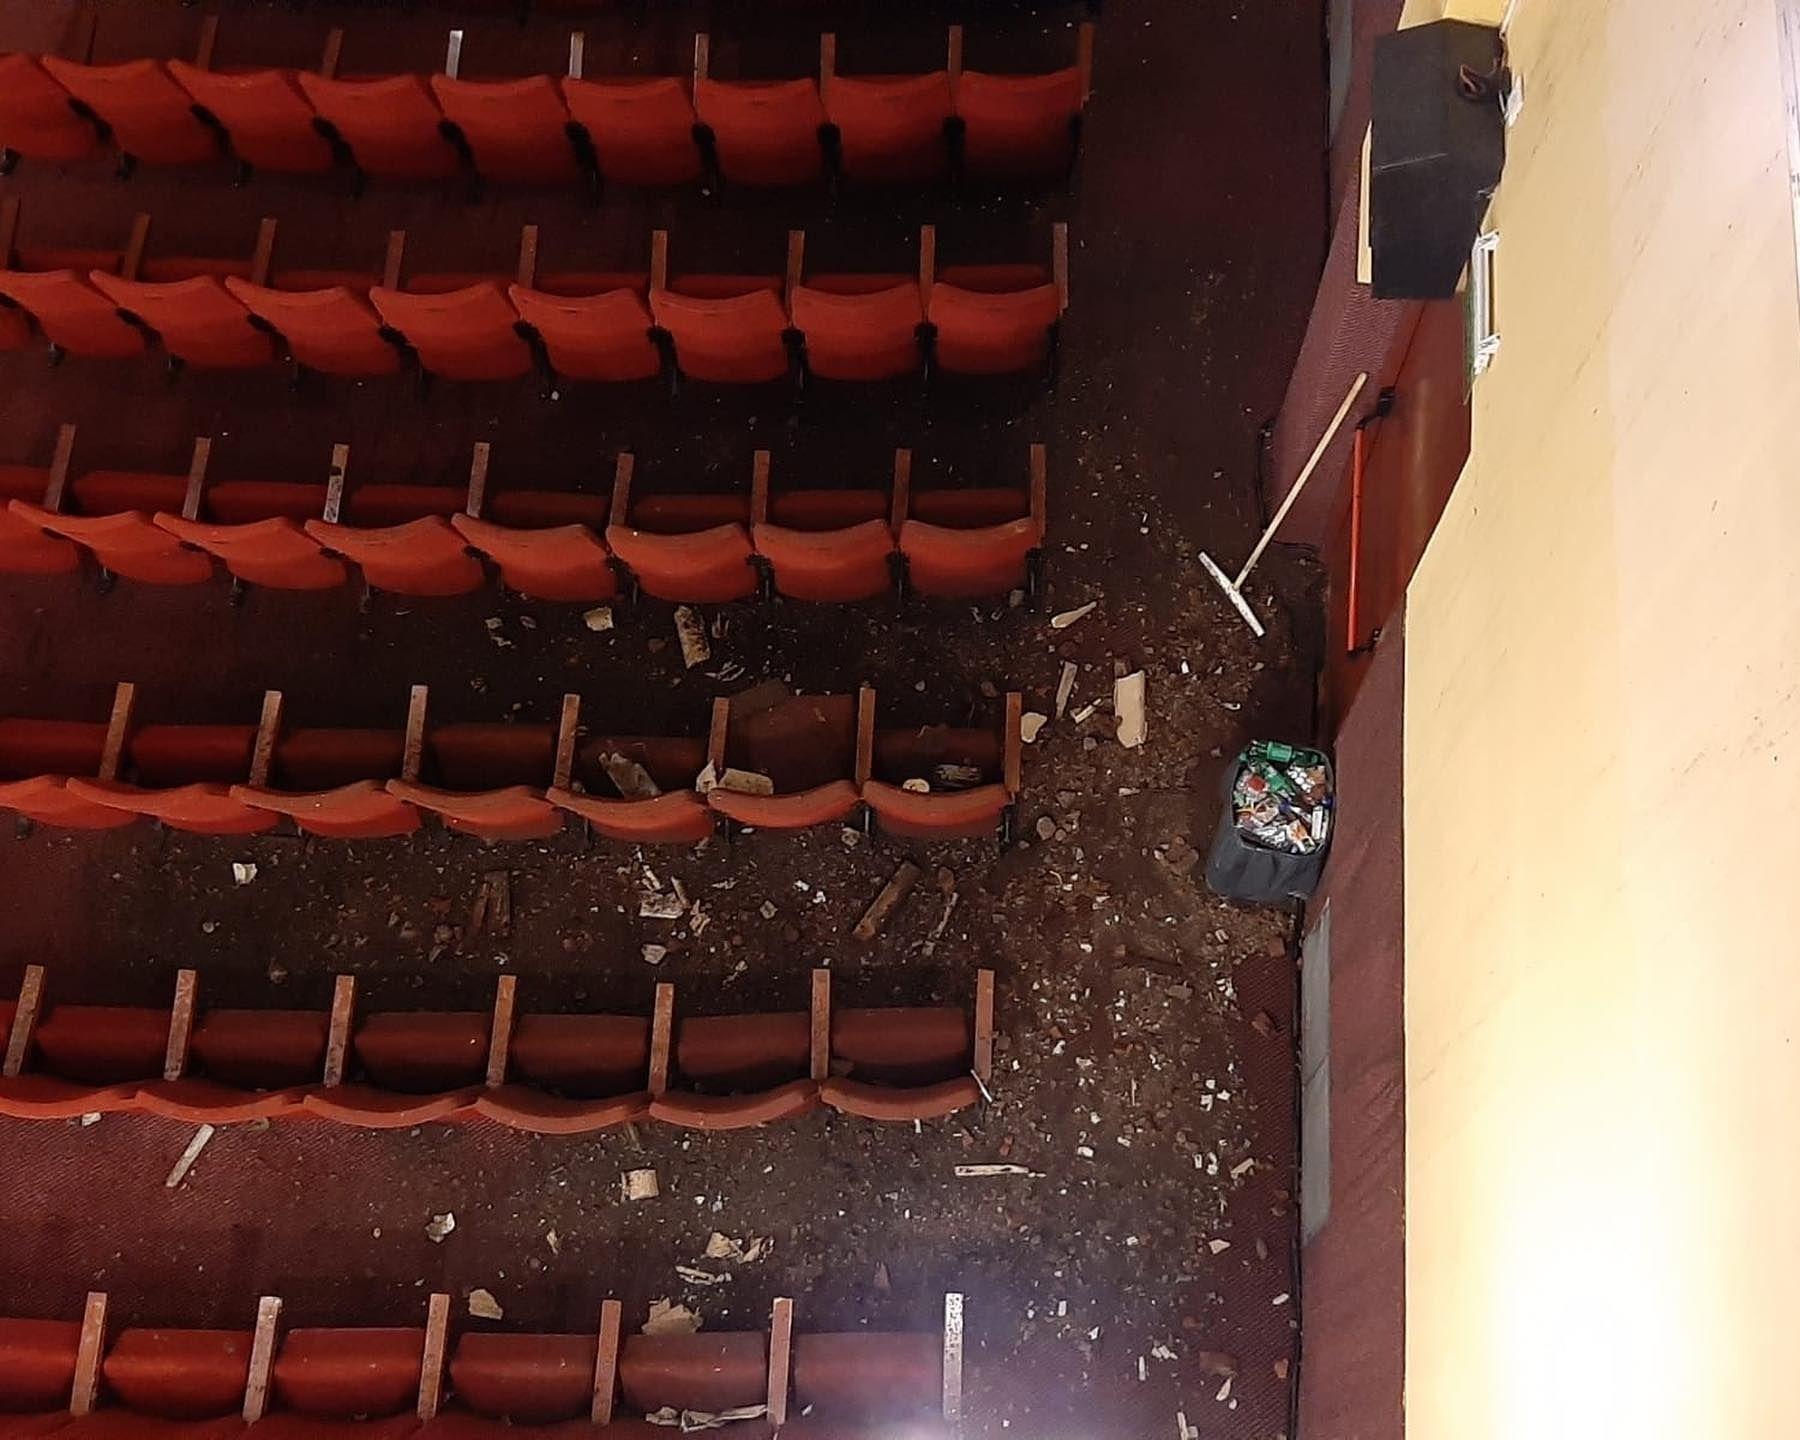 El cine tuvo que suspender sus funciones a 2 días de su reapertura (Foto: Facebook Cine Teatro Español)